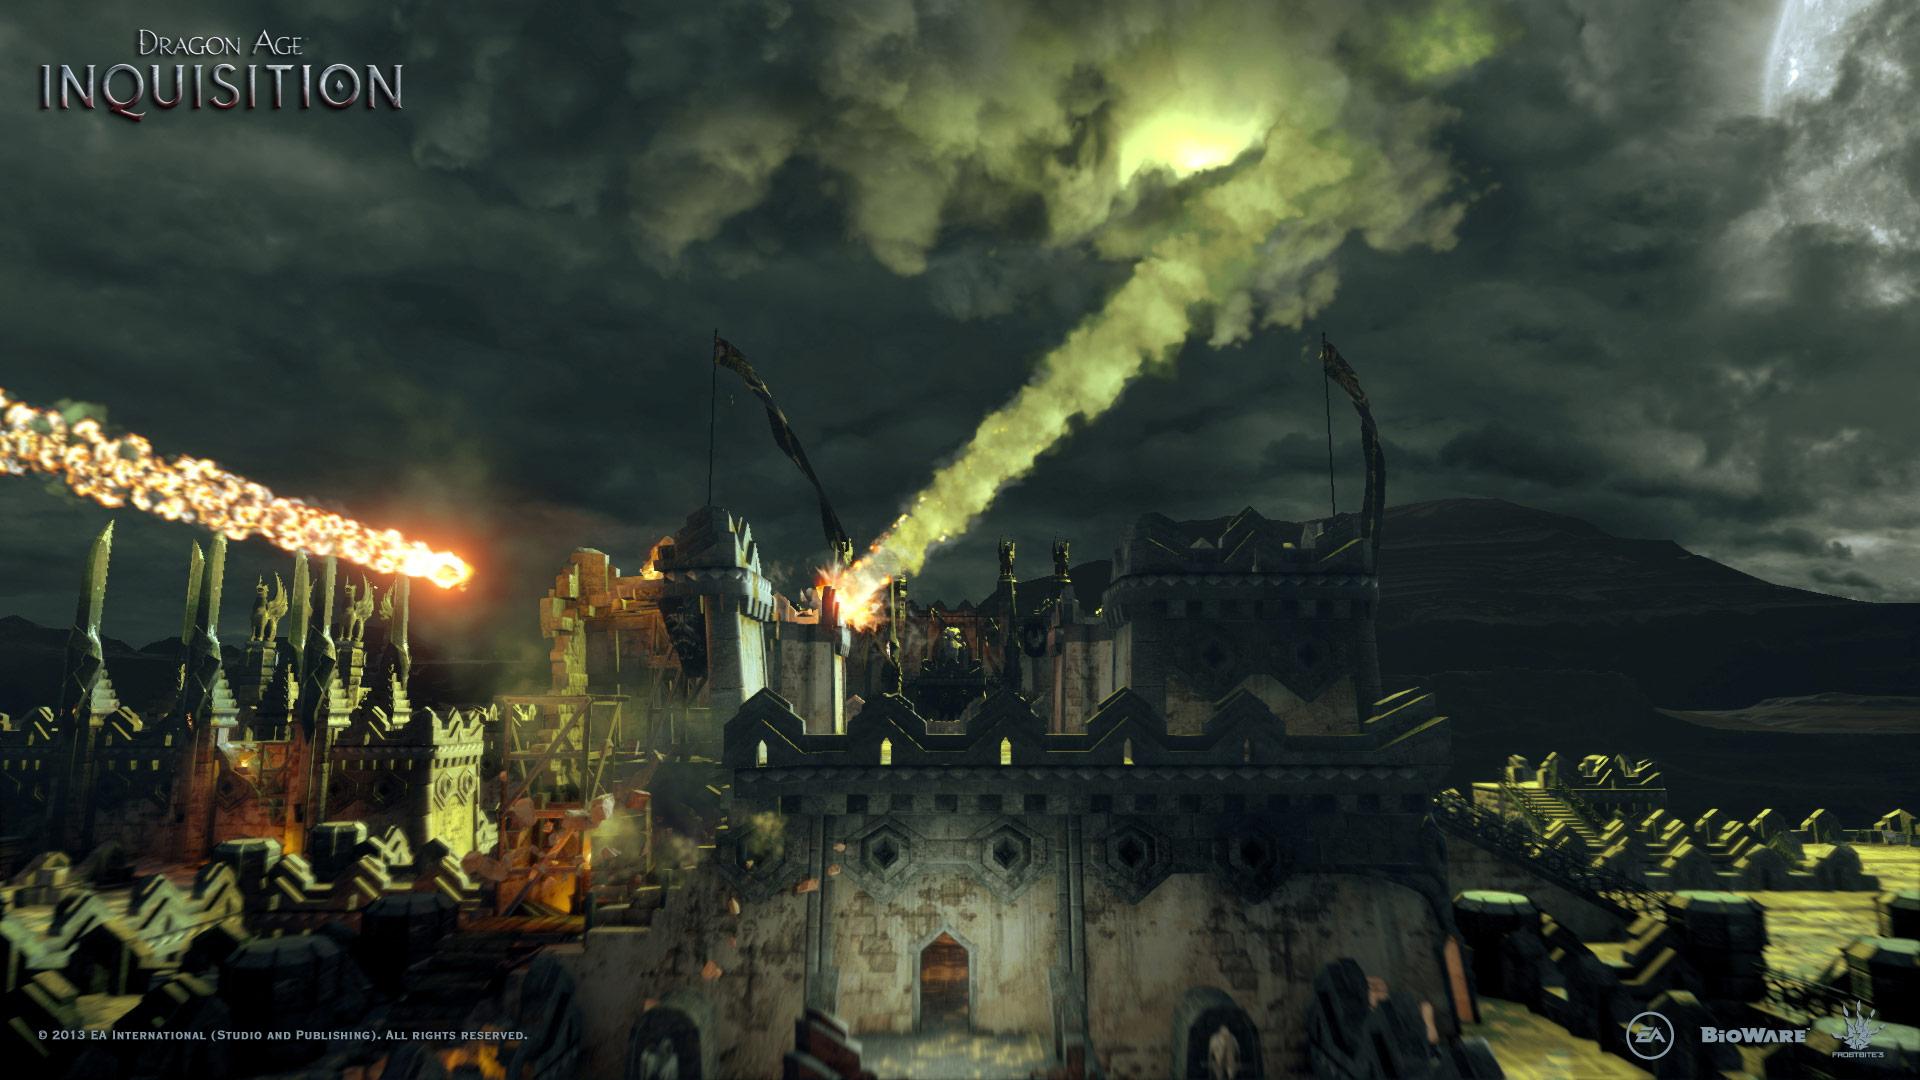 Dragon age inquisition steam